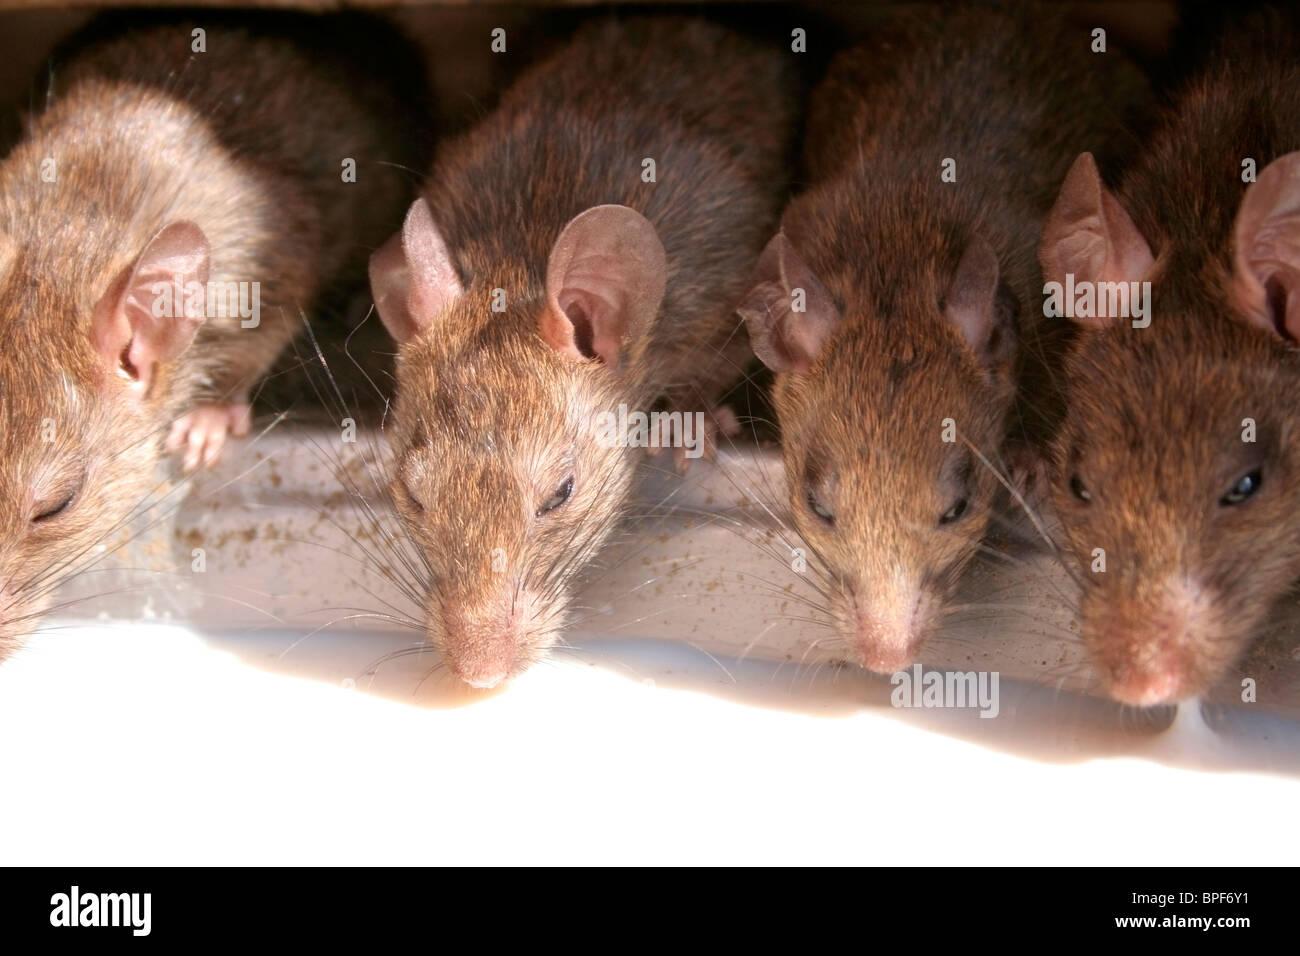 Deshnoke Tempel Ratten. Stockbild